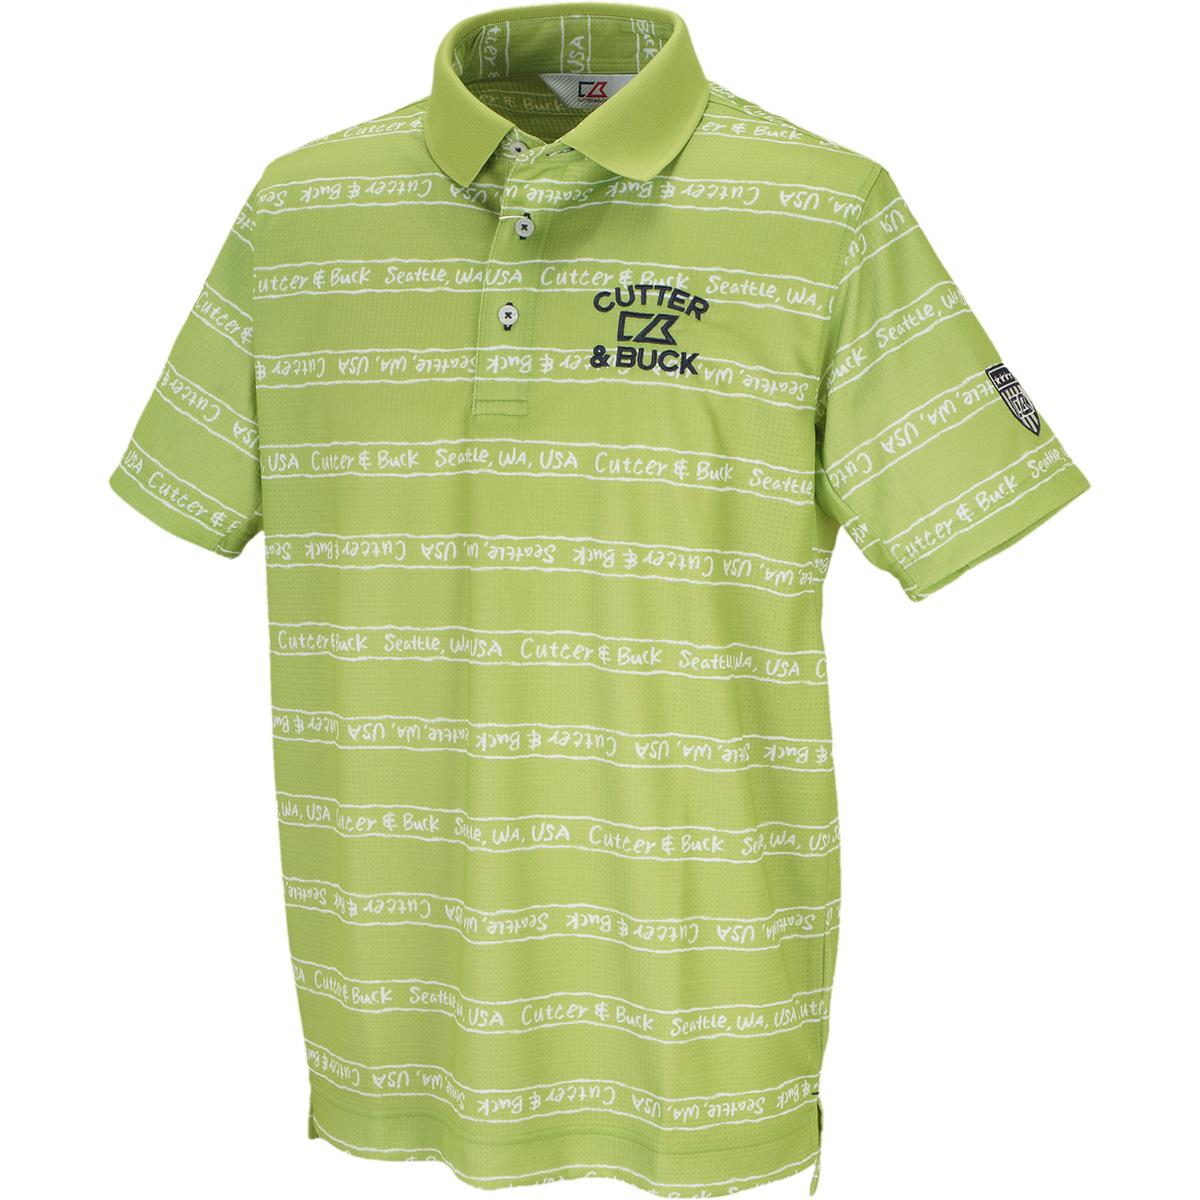 クーリストD-TECプリント半袖ニットポロシャツ